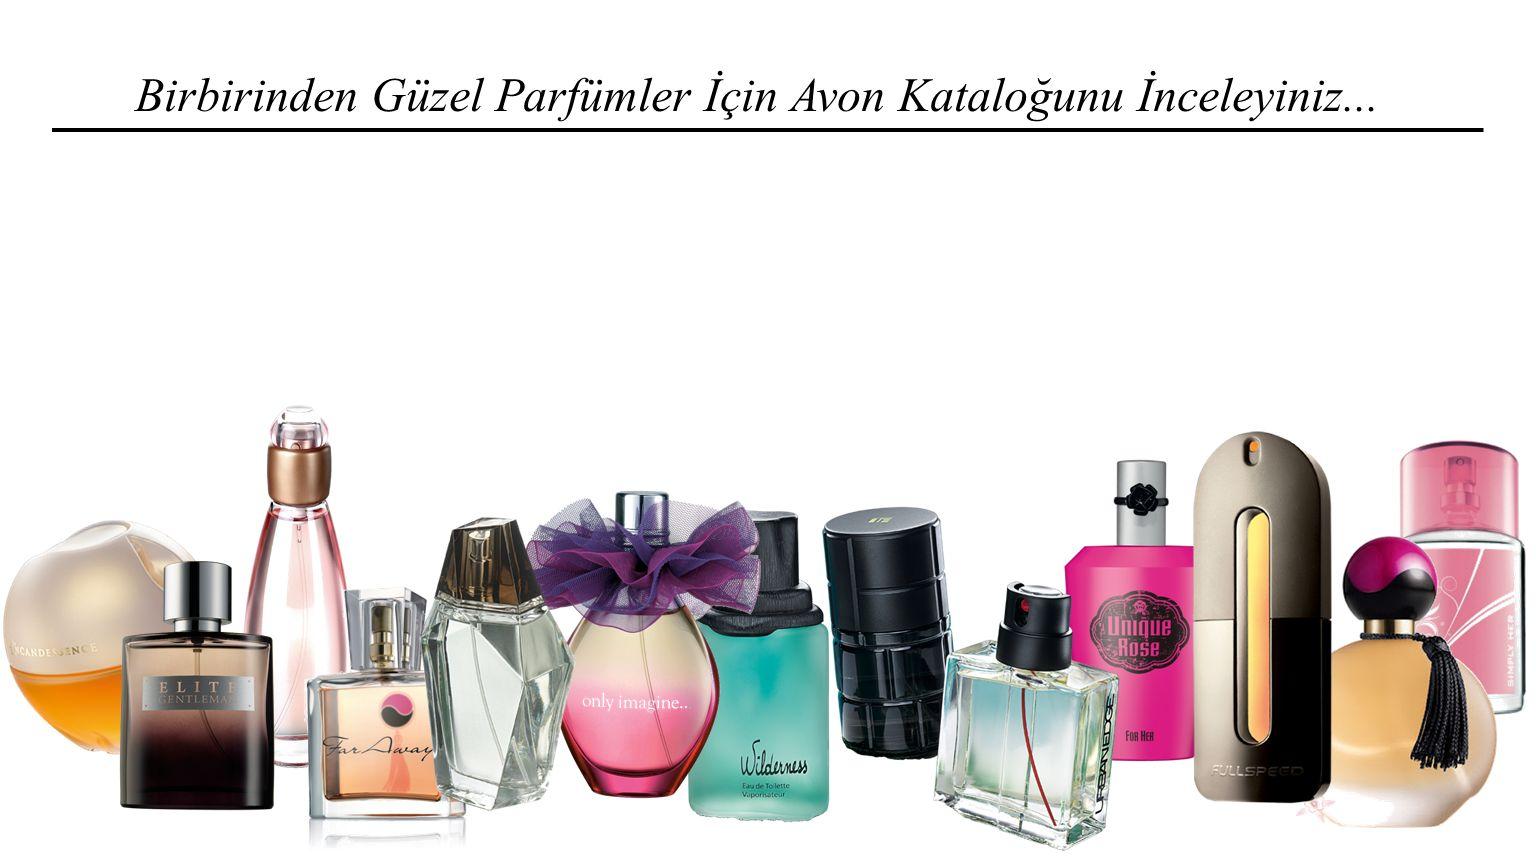 Birbirinden Güzel Parfümler İçin Avon Kataloğunu İnceleyiniz...